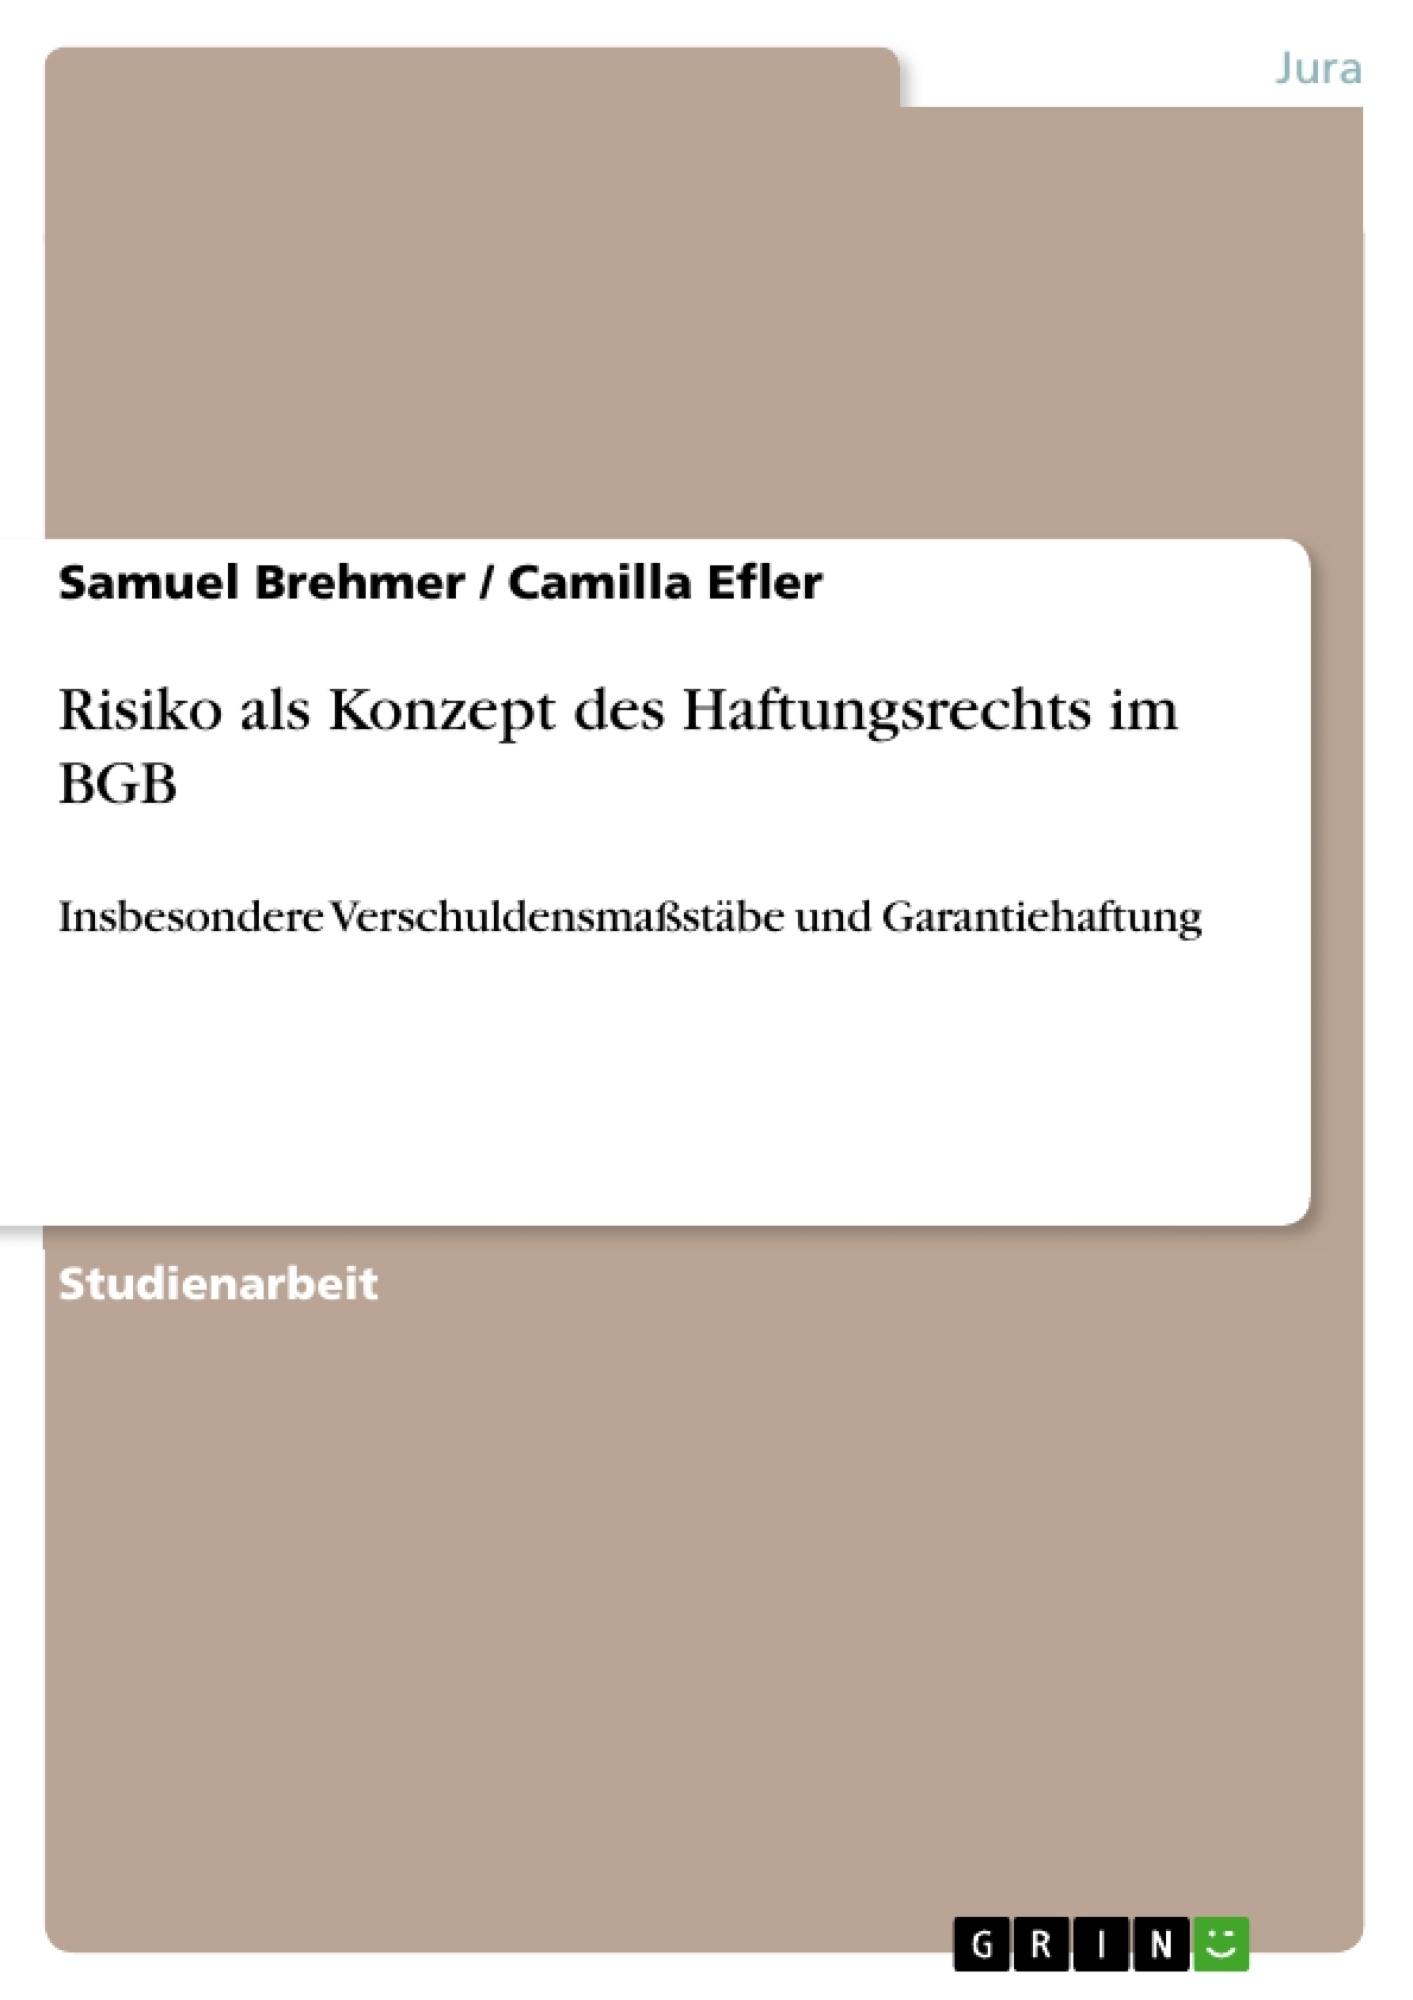 Titel: Risiko als Konzept des Haftungsrechts im BGB